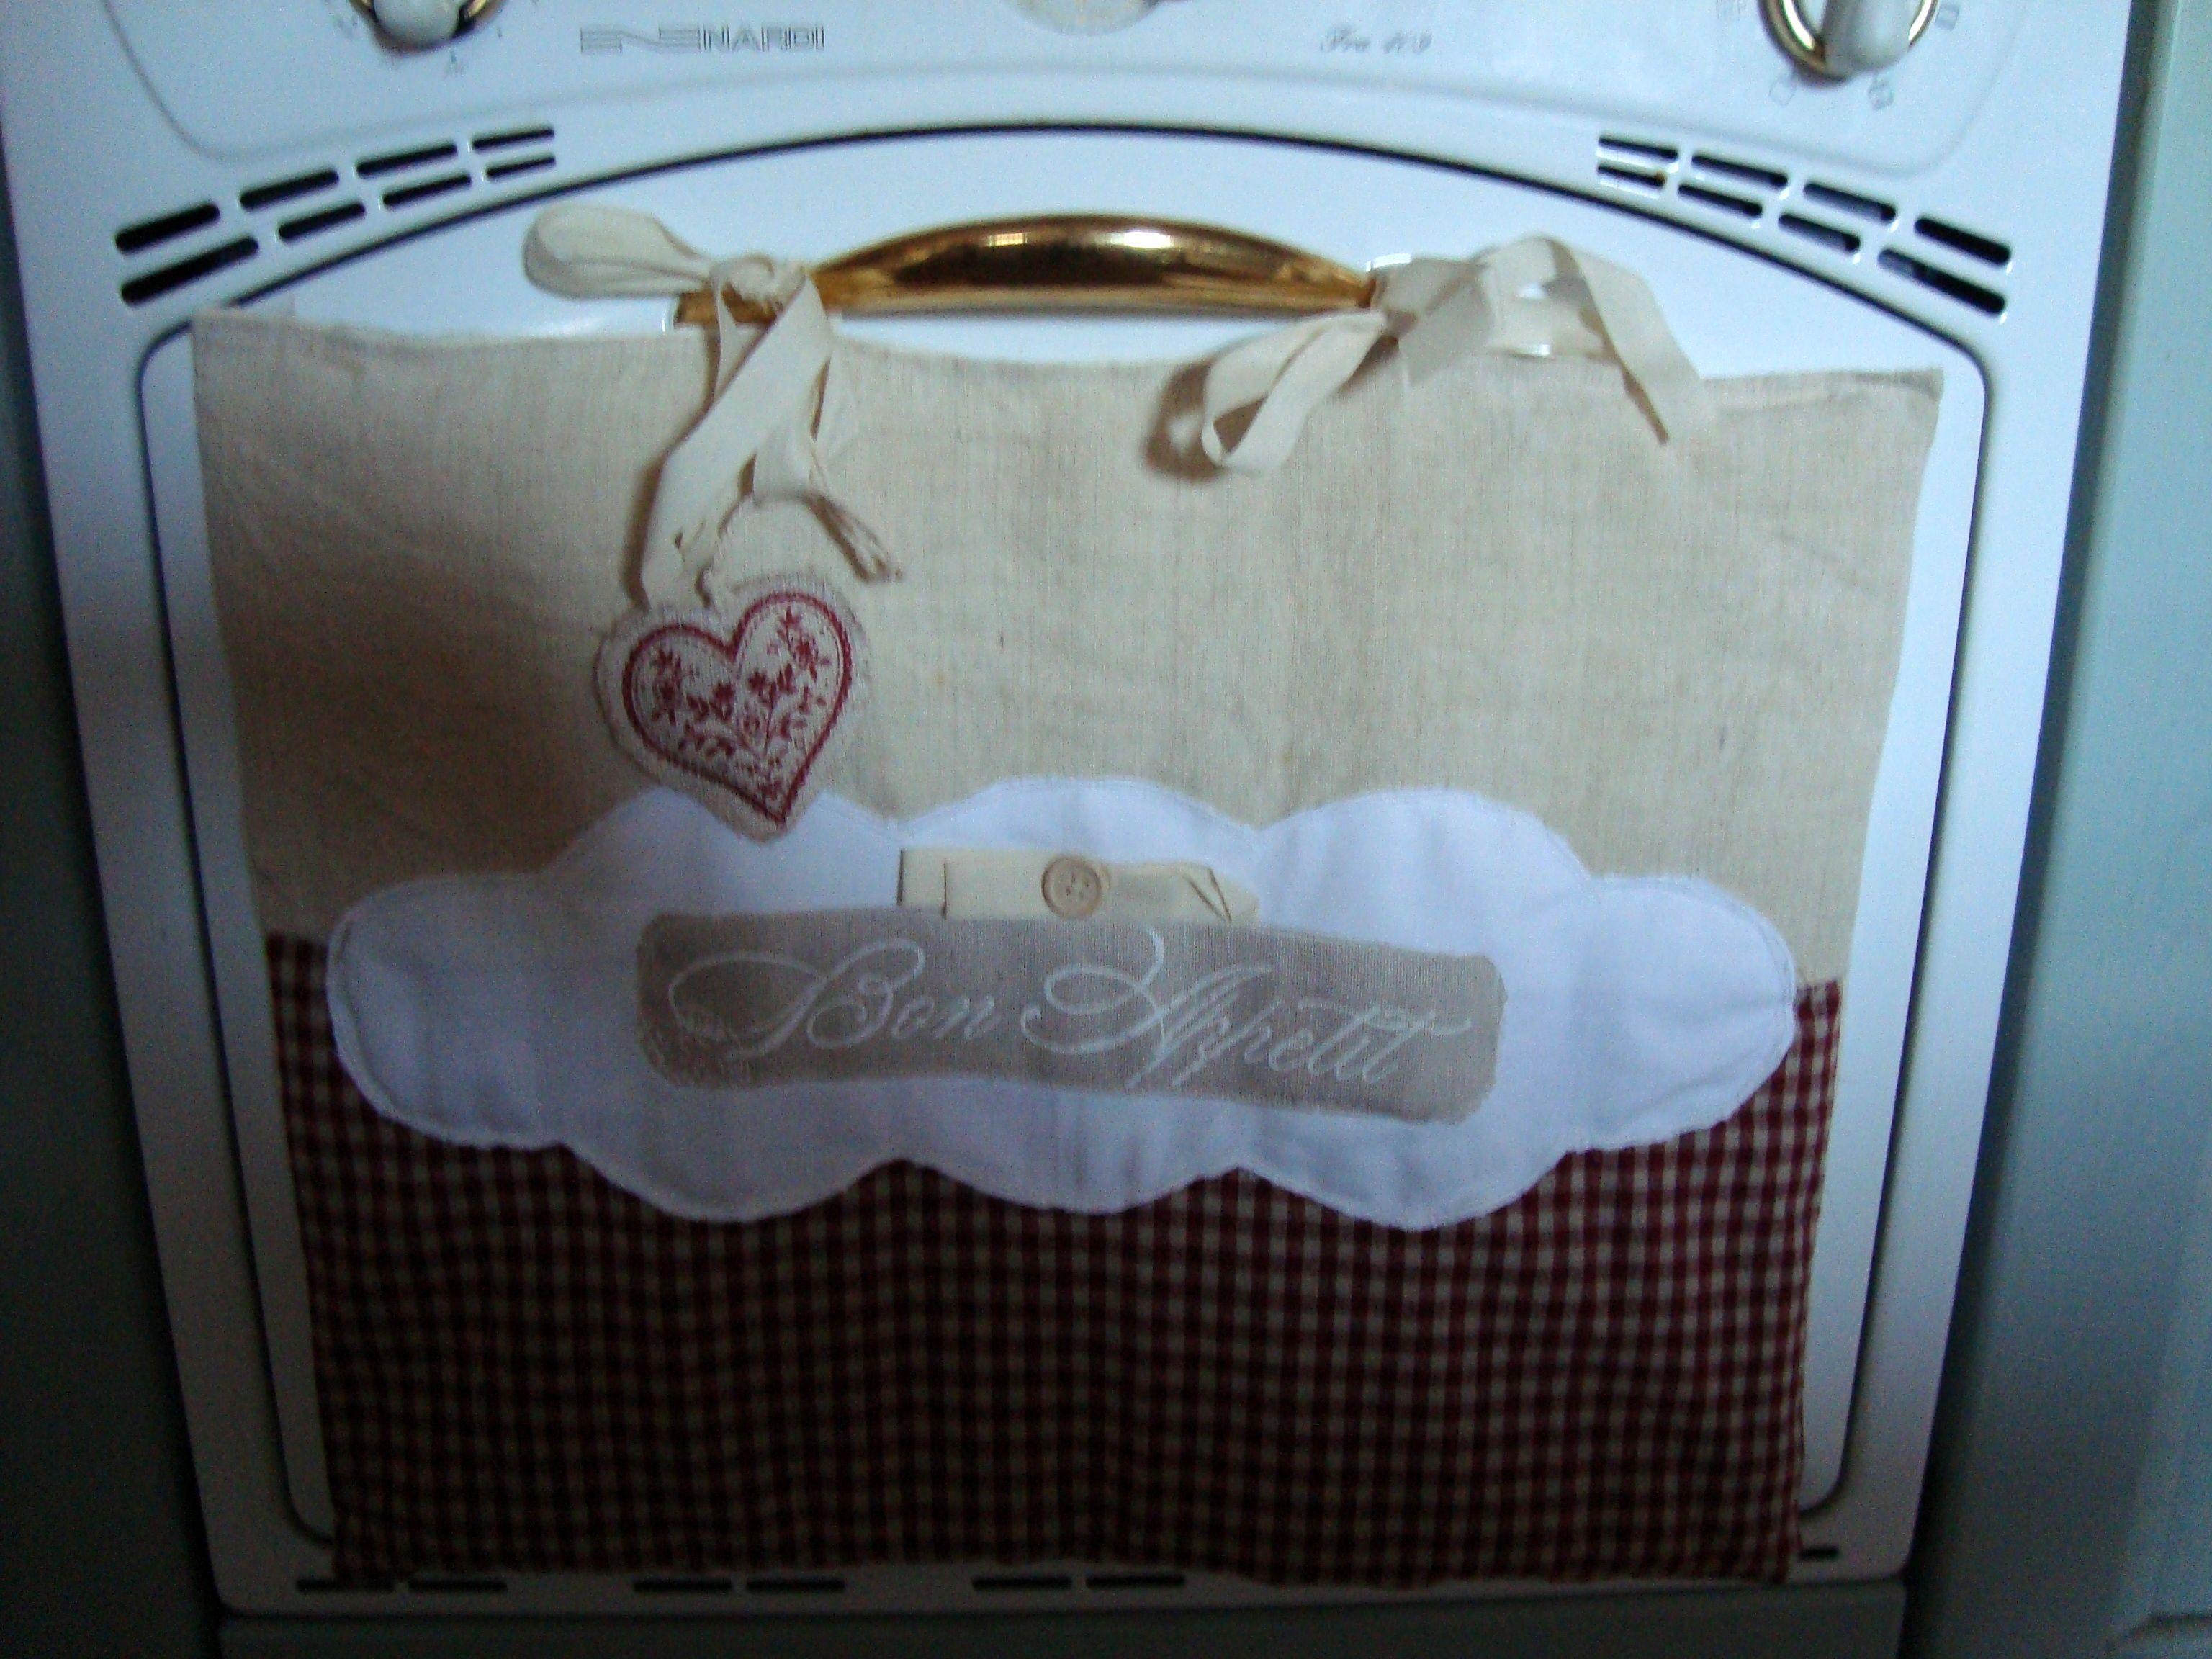 copriforno in lino vintage